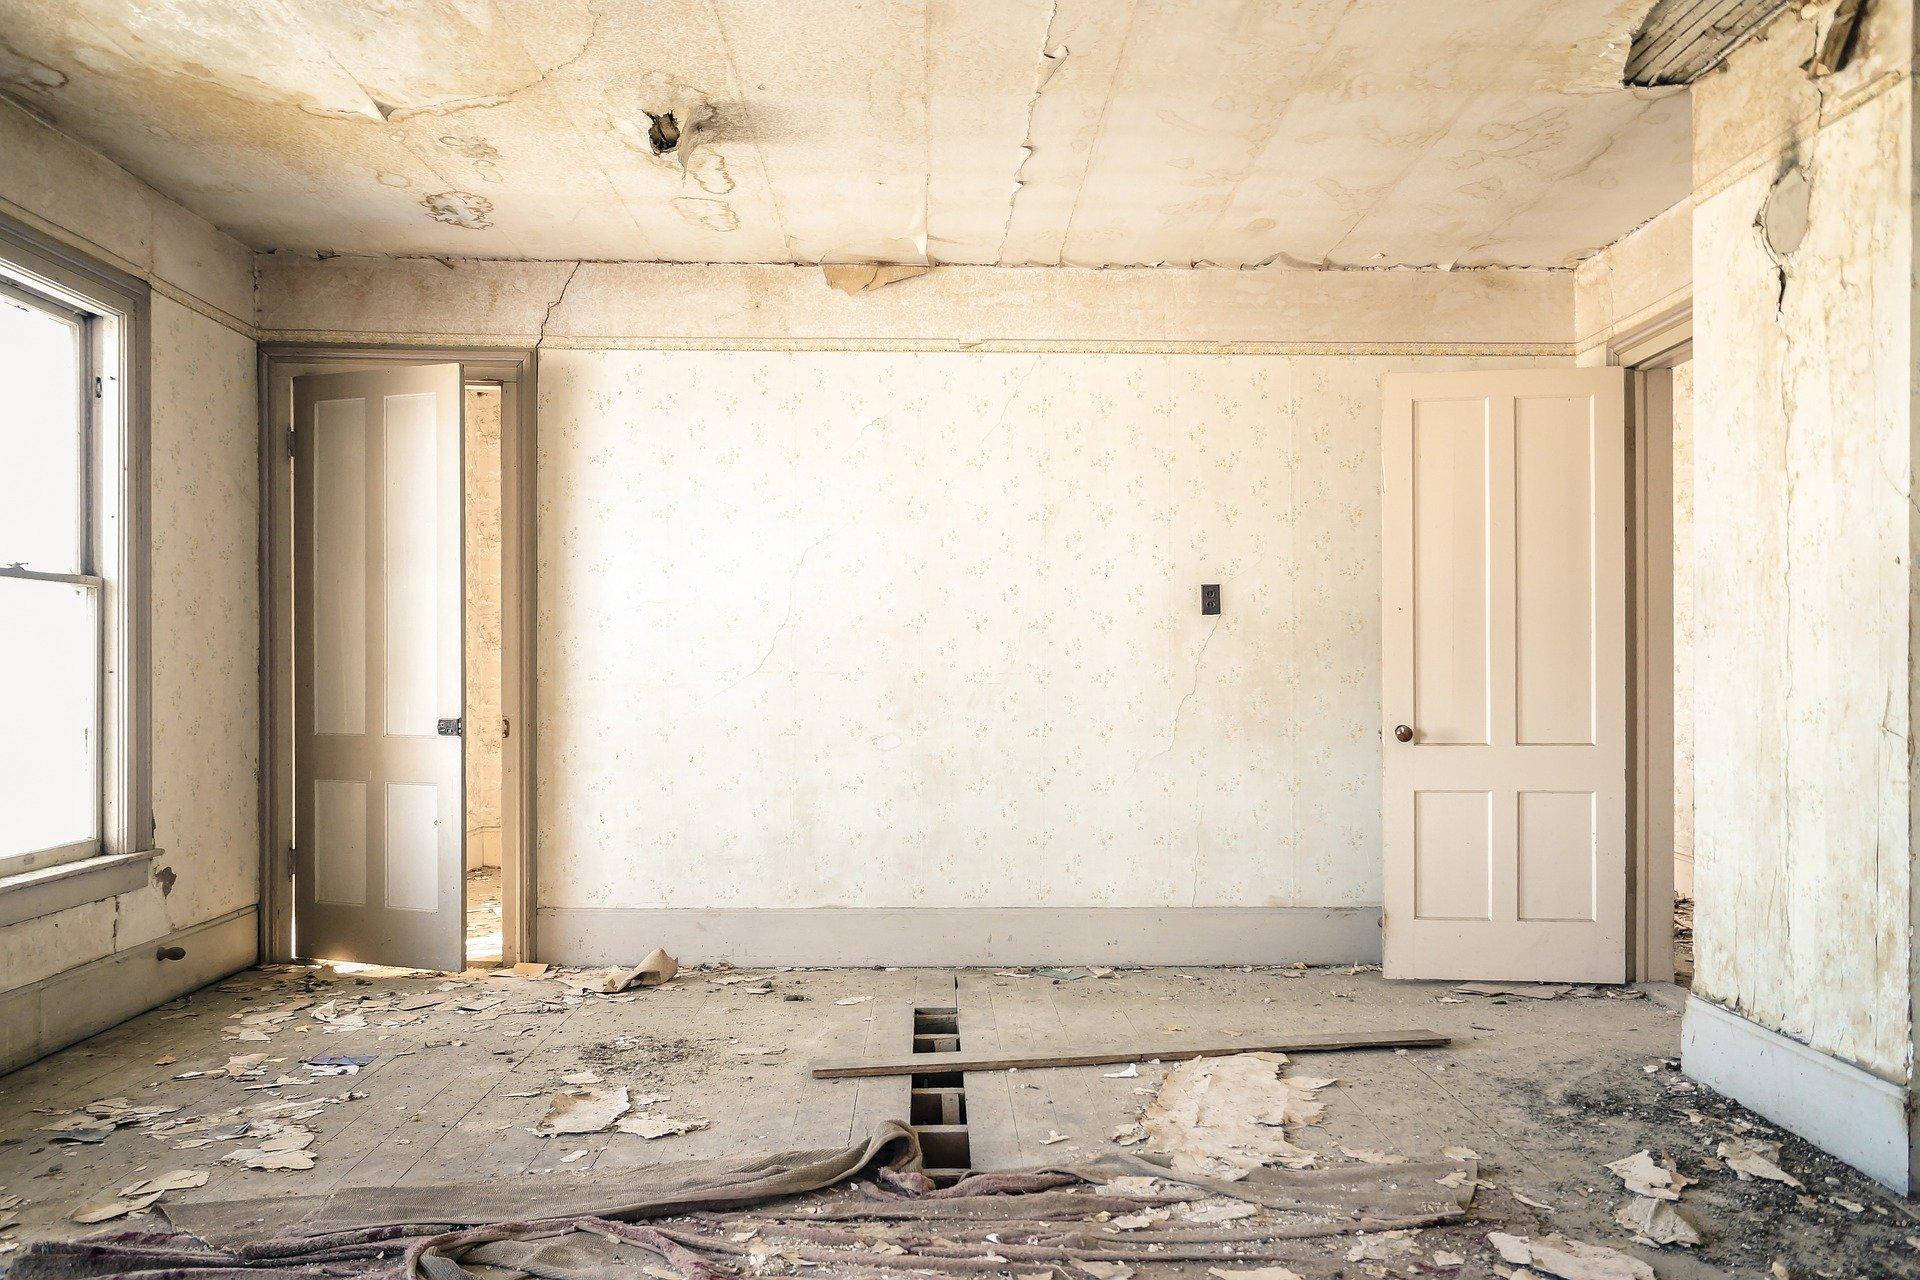 ניקיון בתים לאחר שיפוץ - טיפים שצריך להכיר